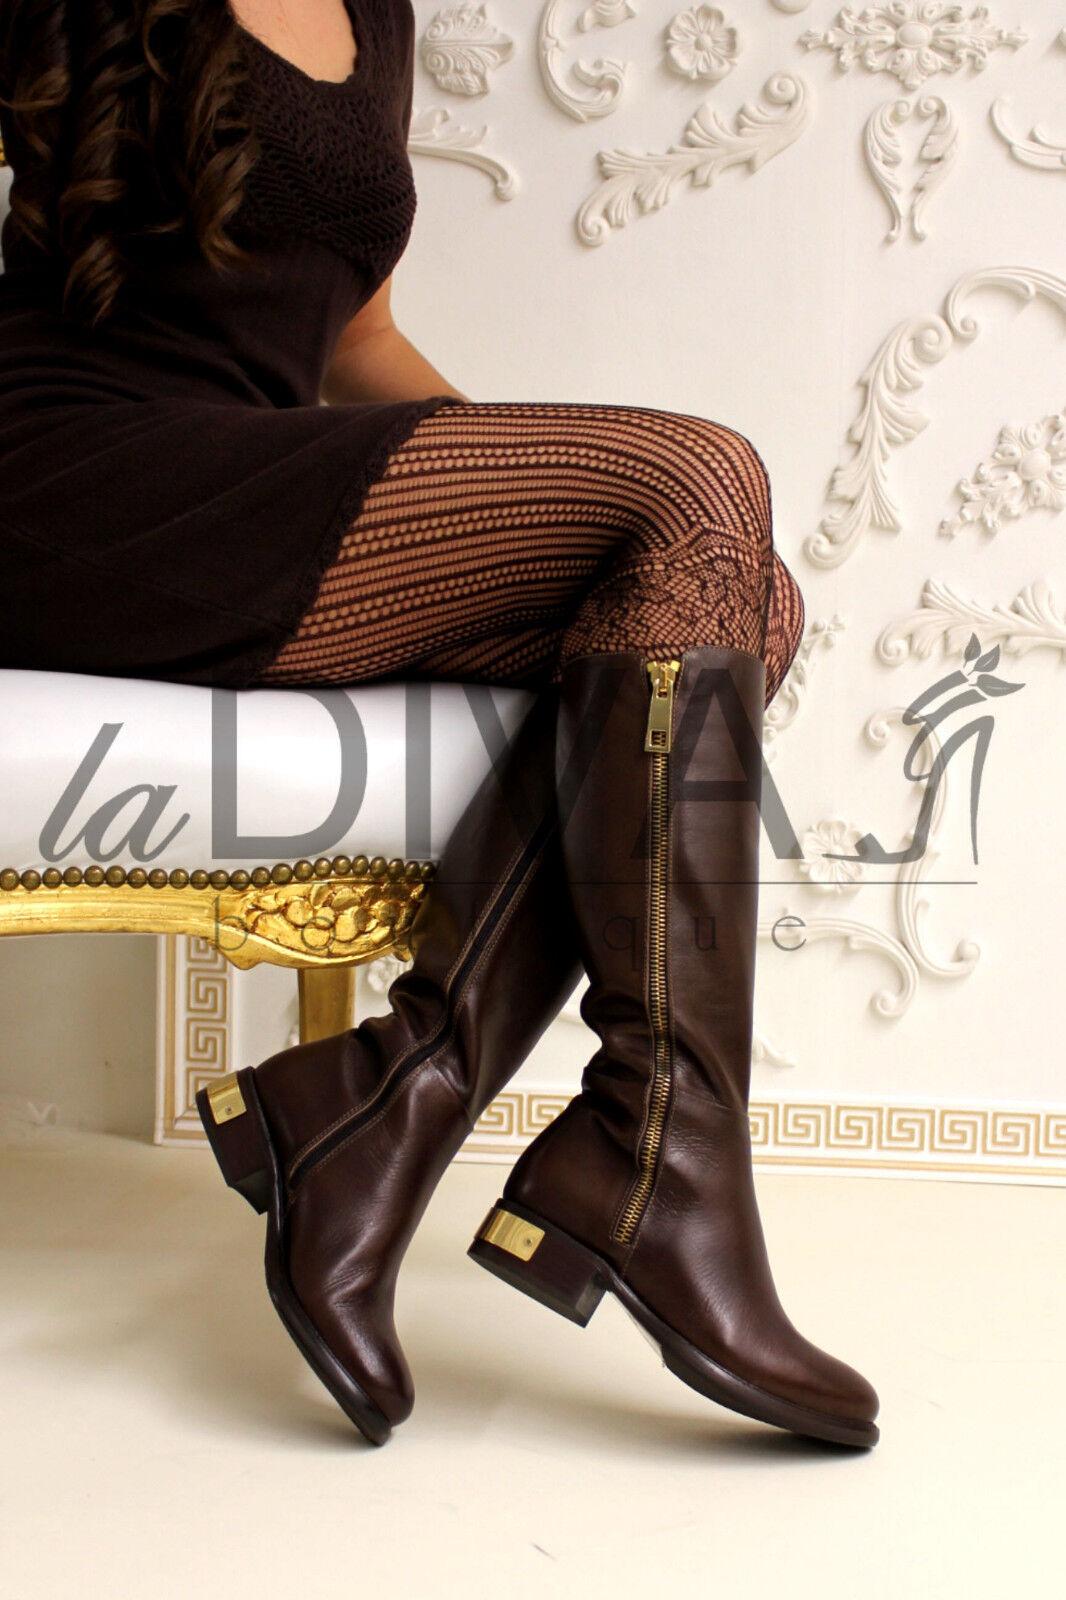 Napoleoni ~ Italy cuero de diseño bota botas 39 moca marrón decorativas Zipper oro